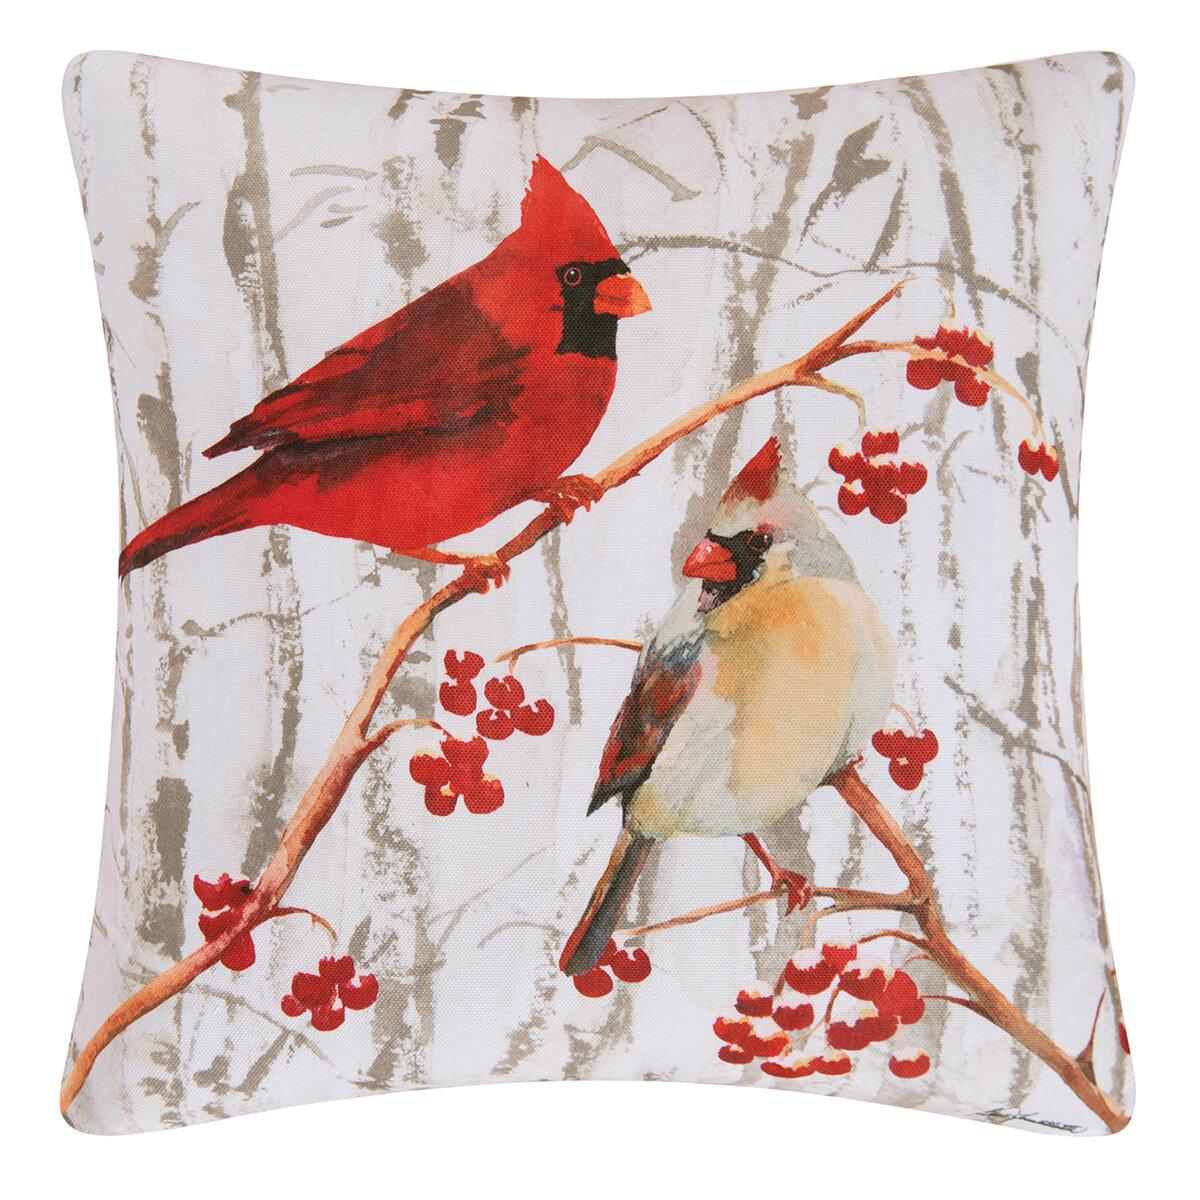 Red Barrel Studio Letourneau Cardinal Pair Throw Pillow